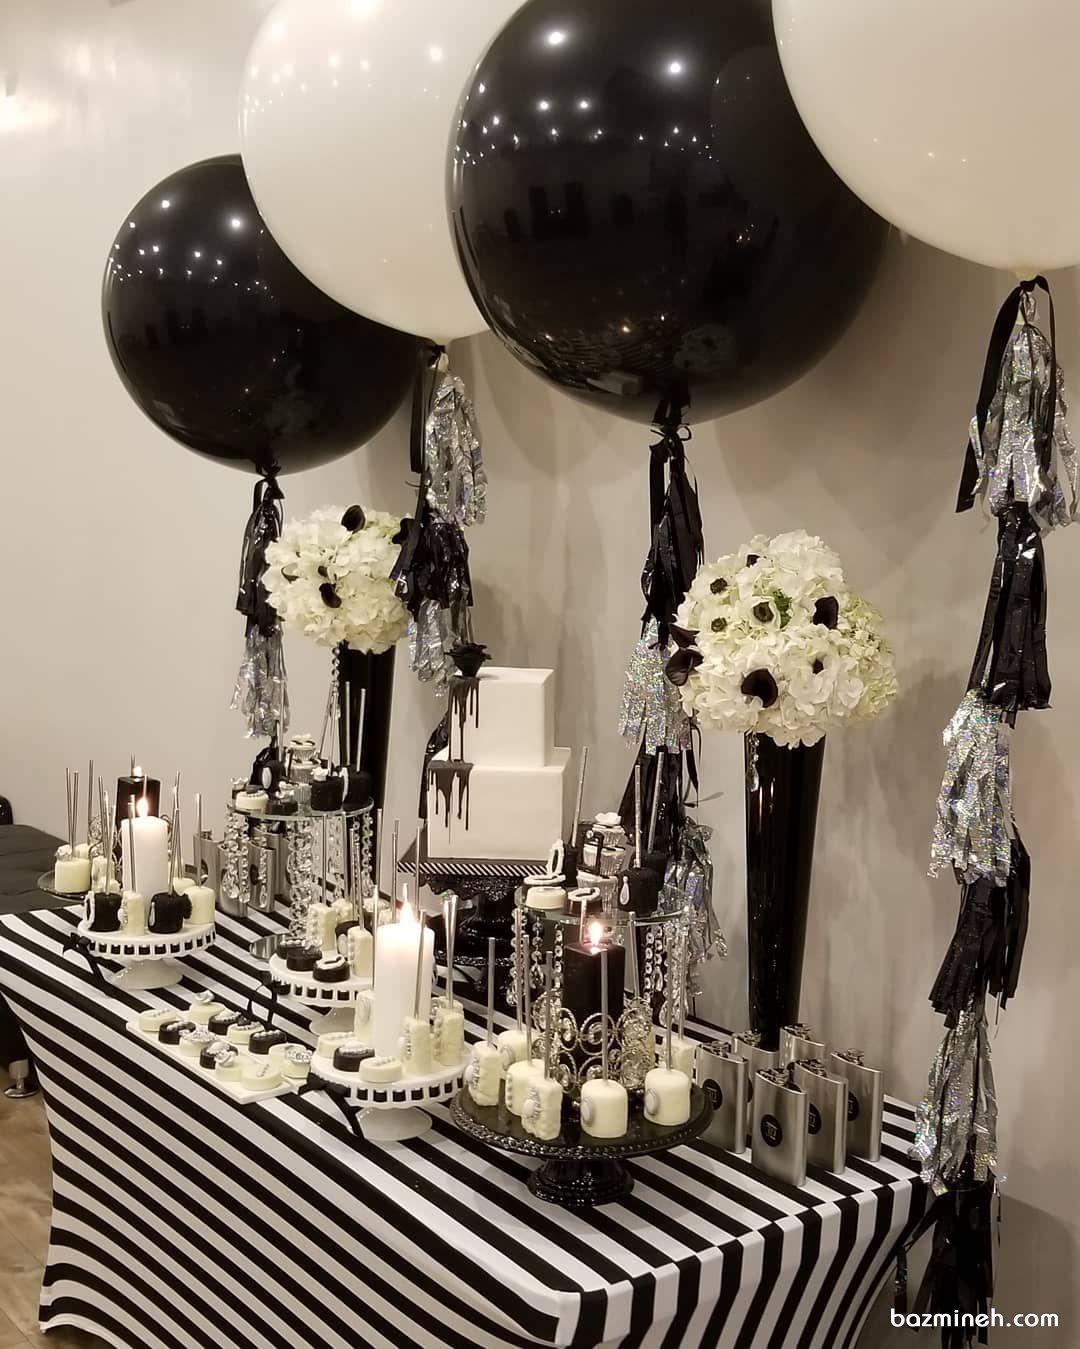 دکوراسیون و بادکنک آرایی شیک جشن تولد یا سالگرد ازدواج با تم سفید مشکی Ceiling Lights Decor Chandelier